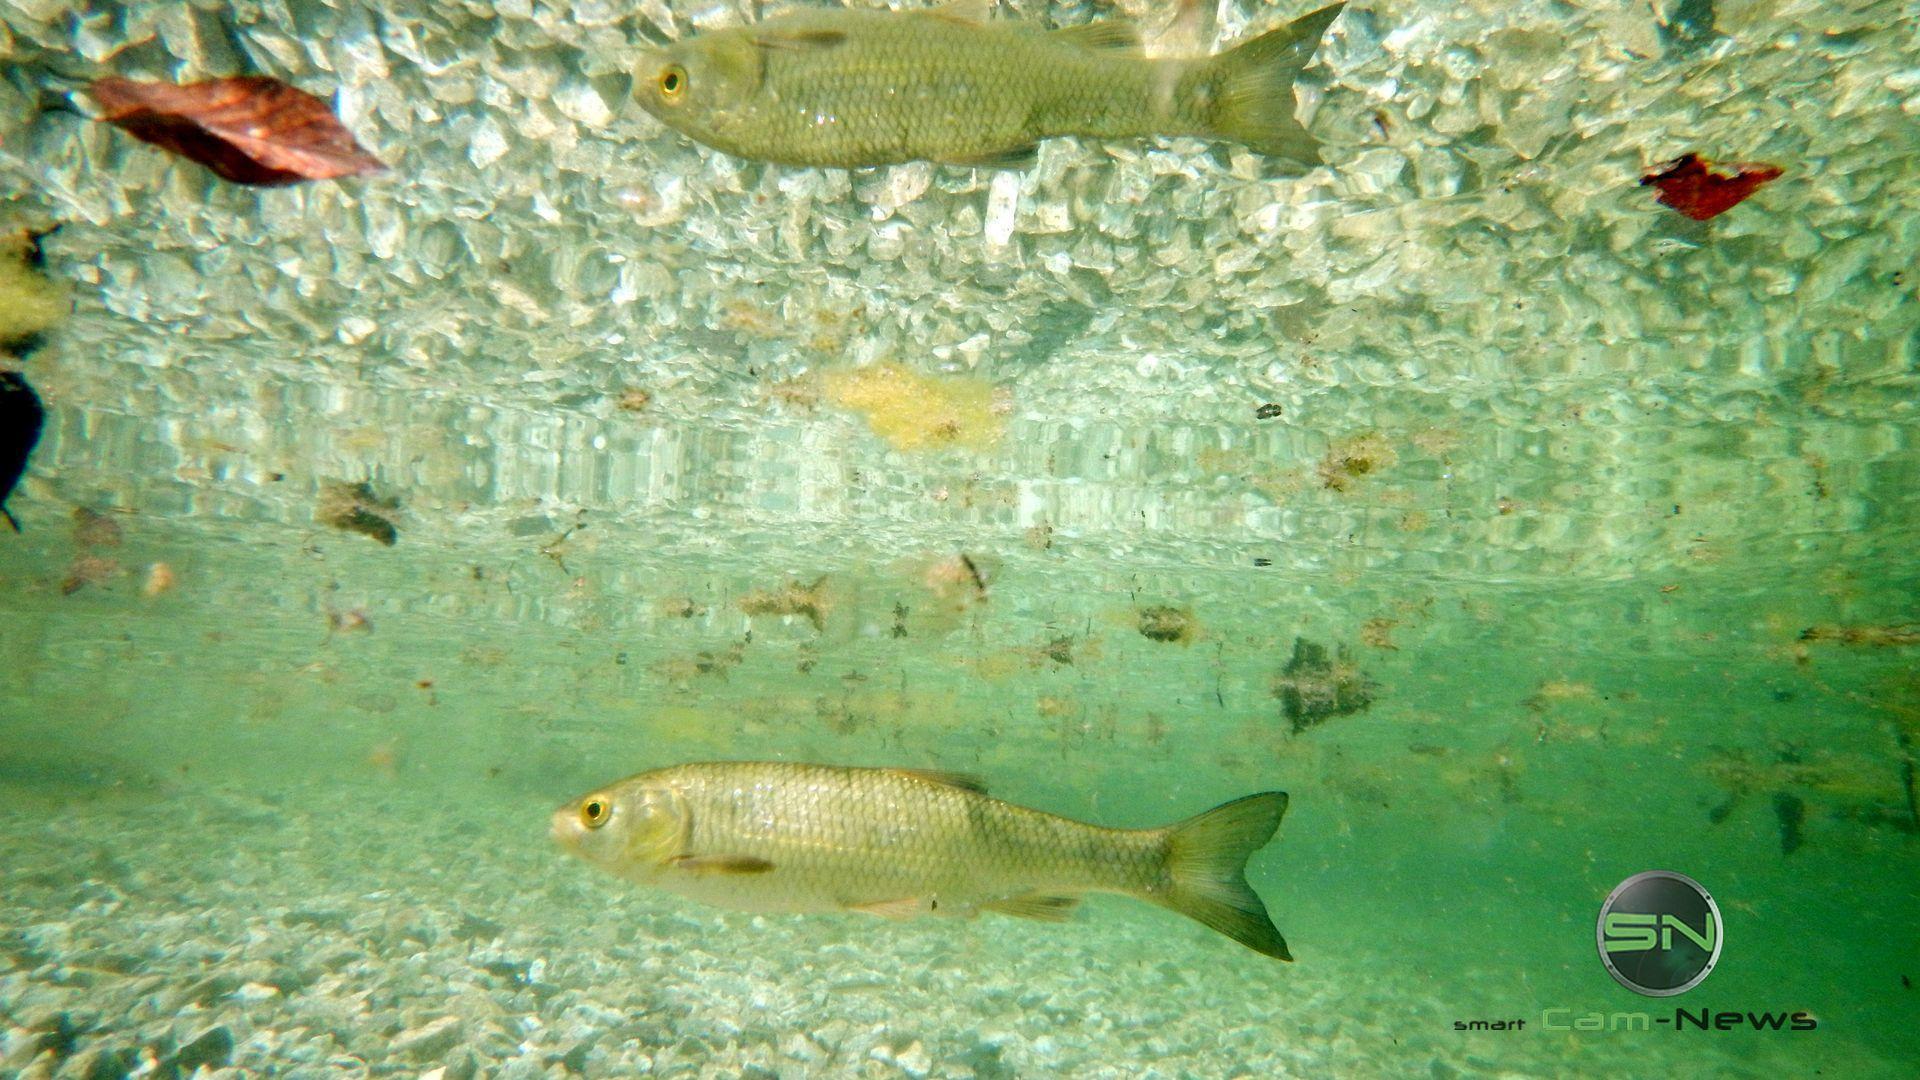 Fischspiegelung - Nikon AW130 - SmartCamNews